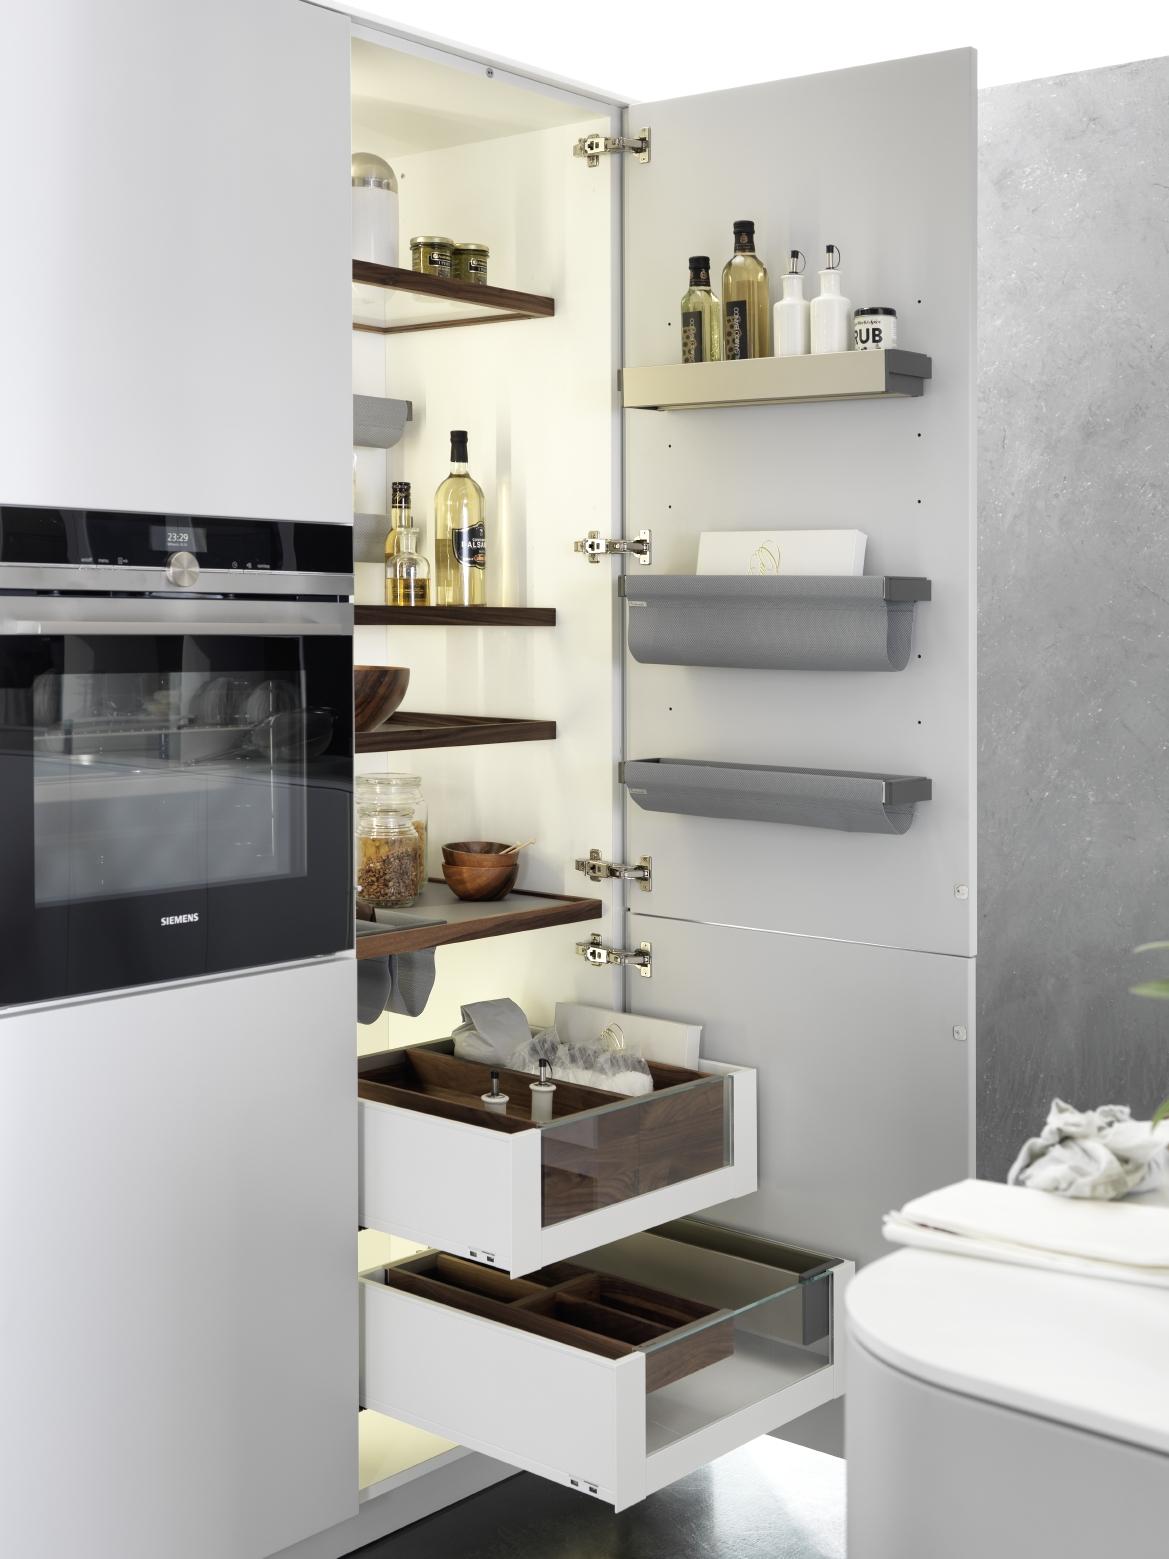 Cucina_Snaidero_armadio